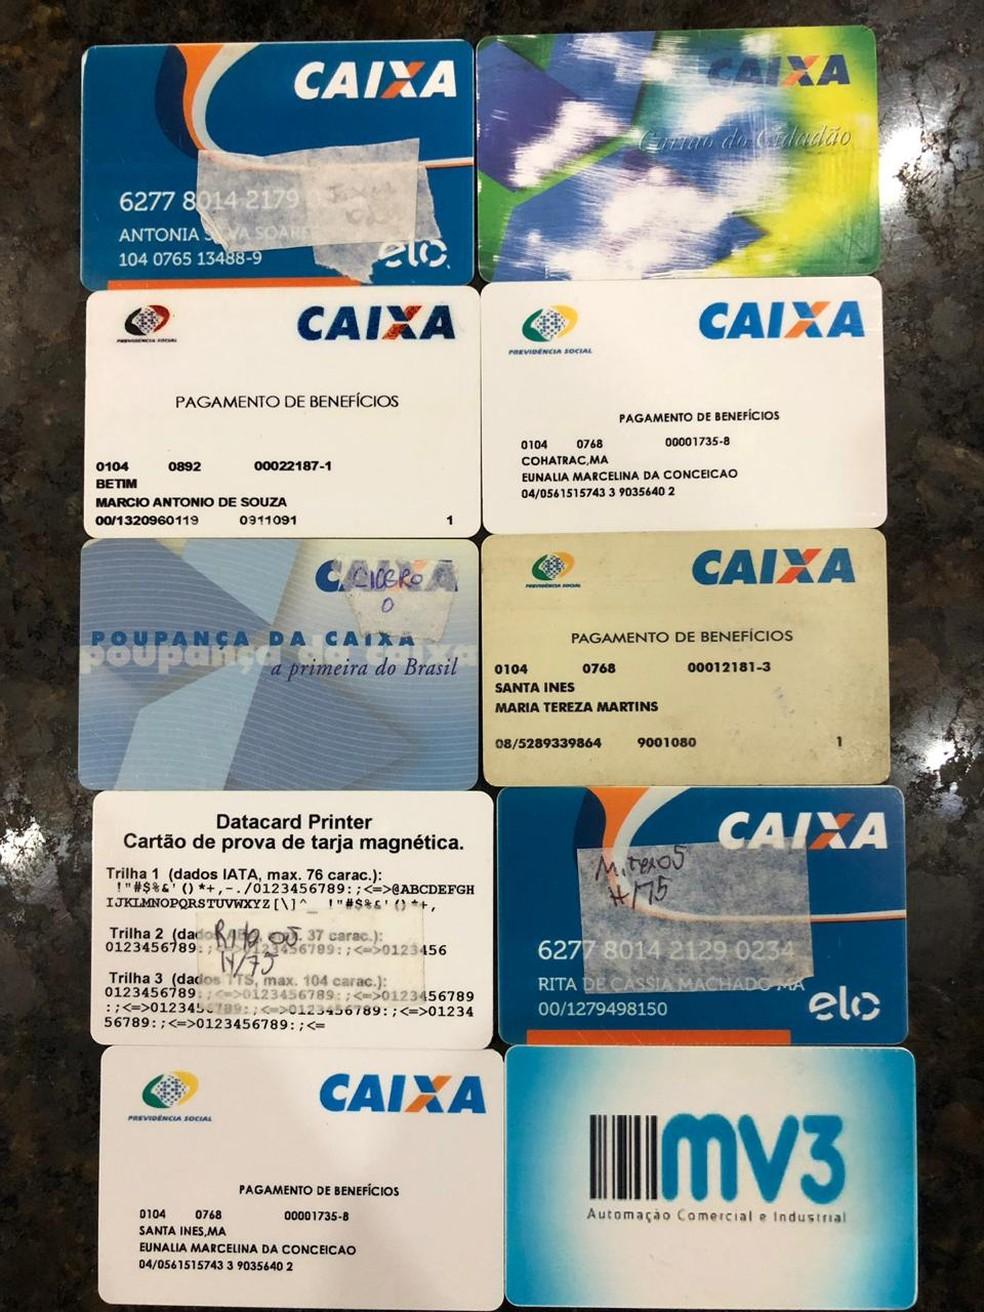 Policiais apreenderam vasta documentação que seria usada junto às instituições de assistência social — Foto: Divulgação/Polícia